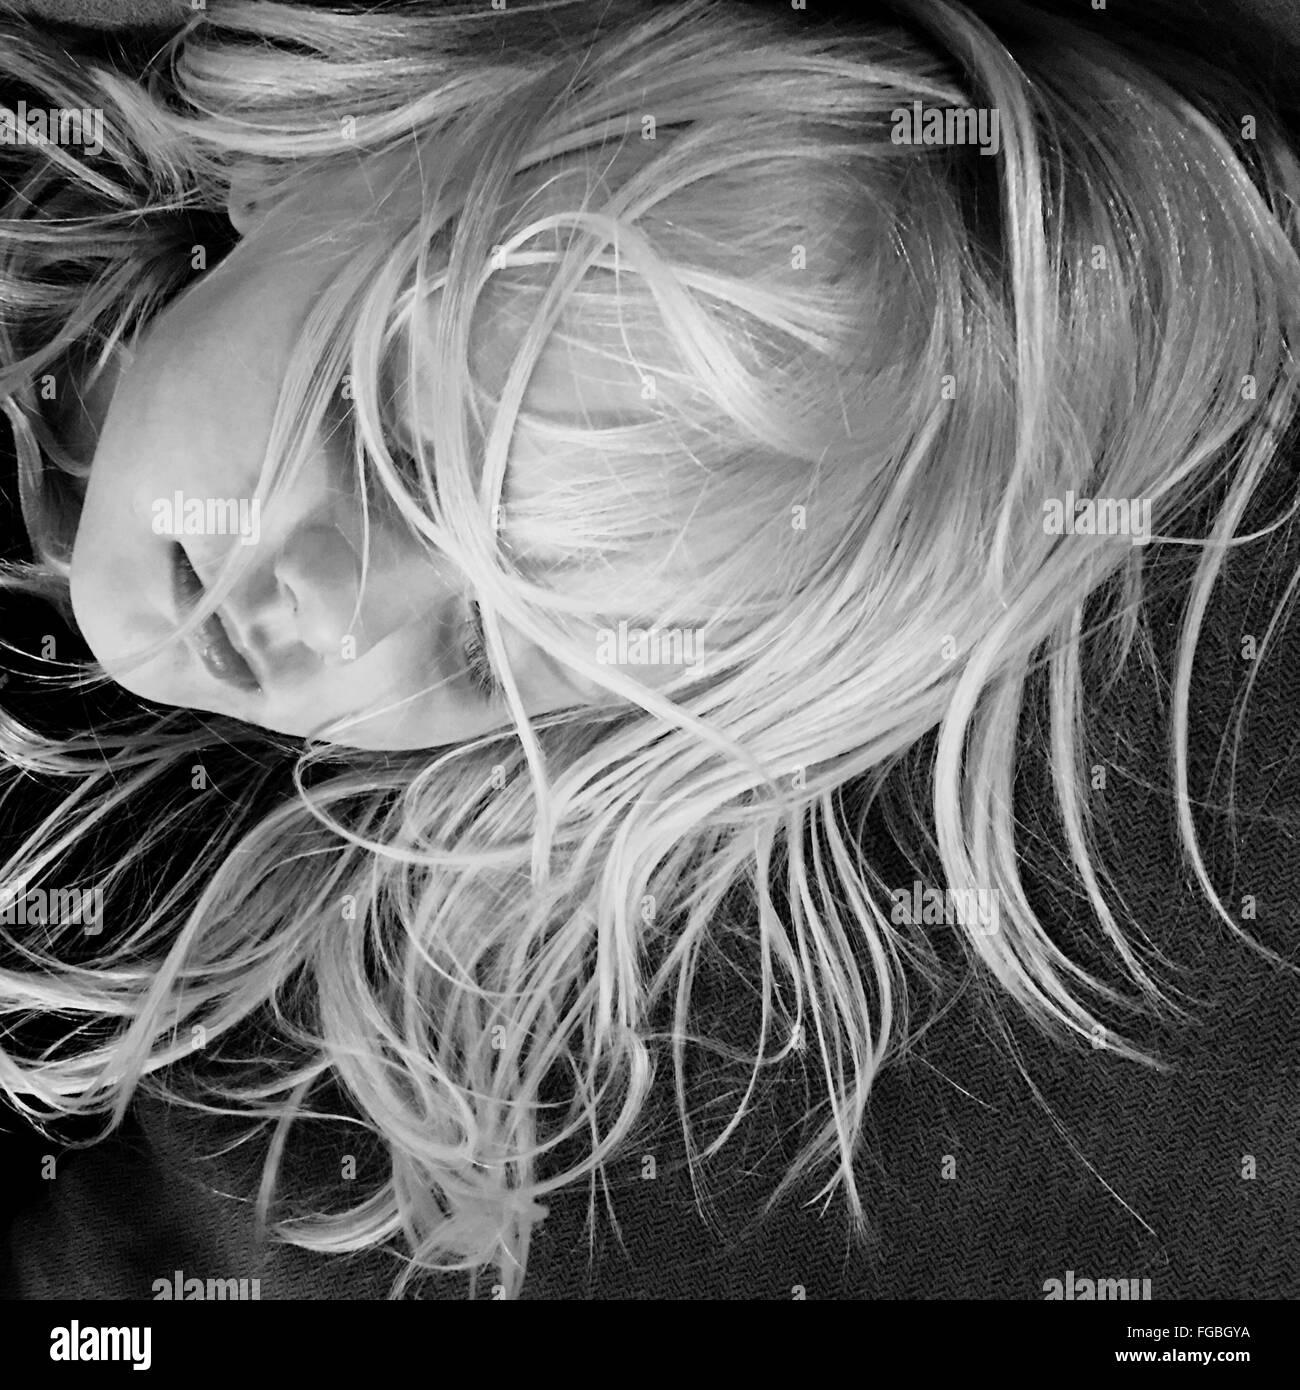 Un alto ángulo de vista de la chica con el pelo desordenado durmiendo en cama Imagen De Stock